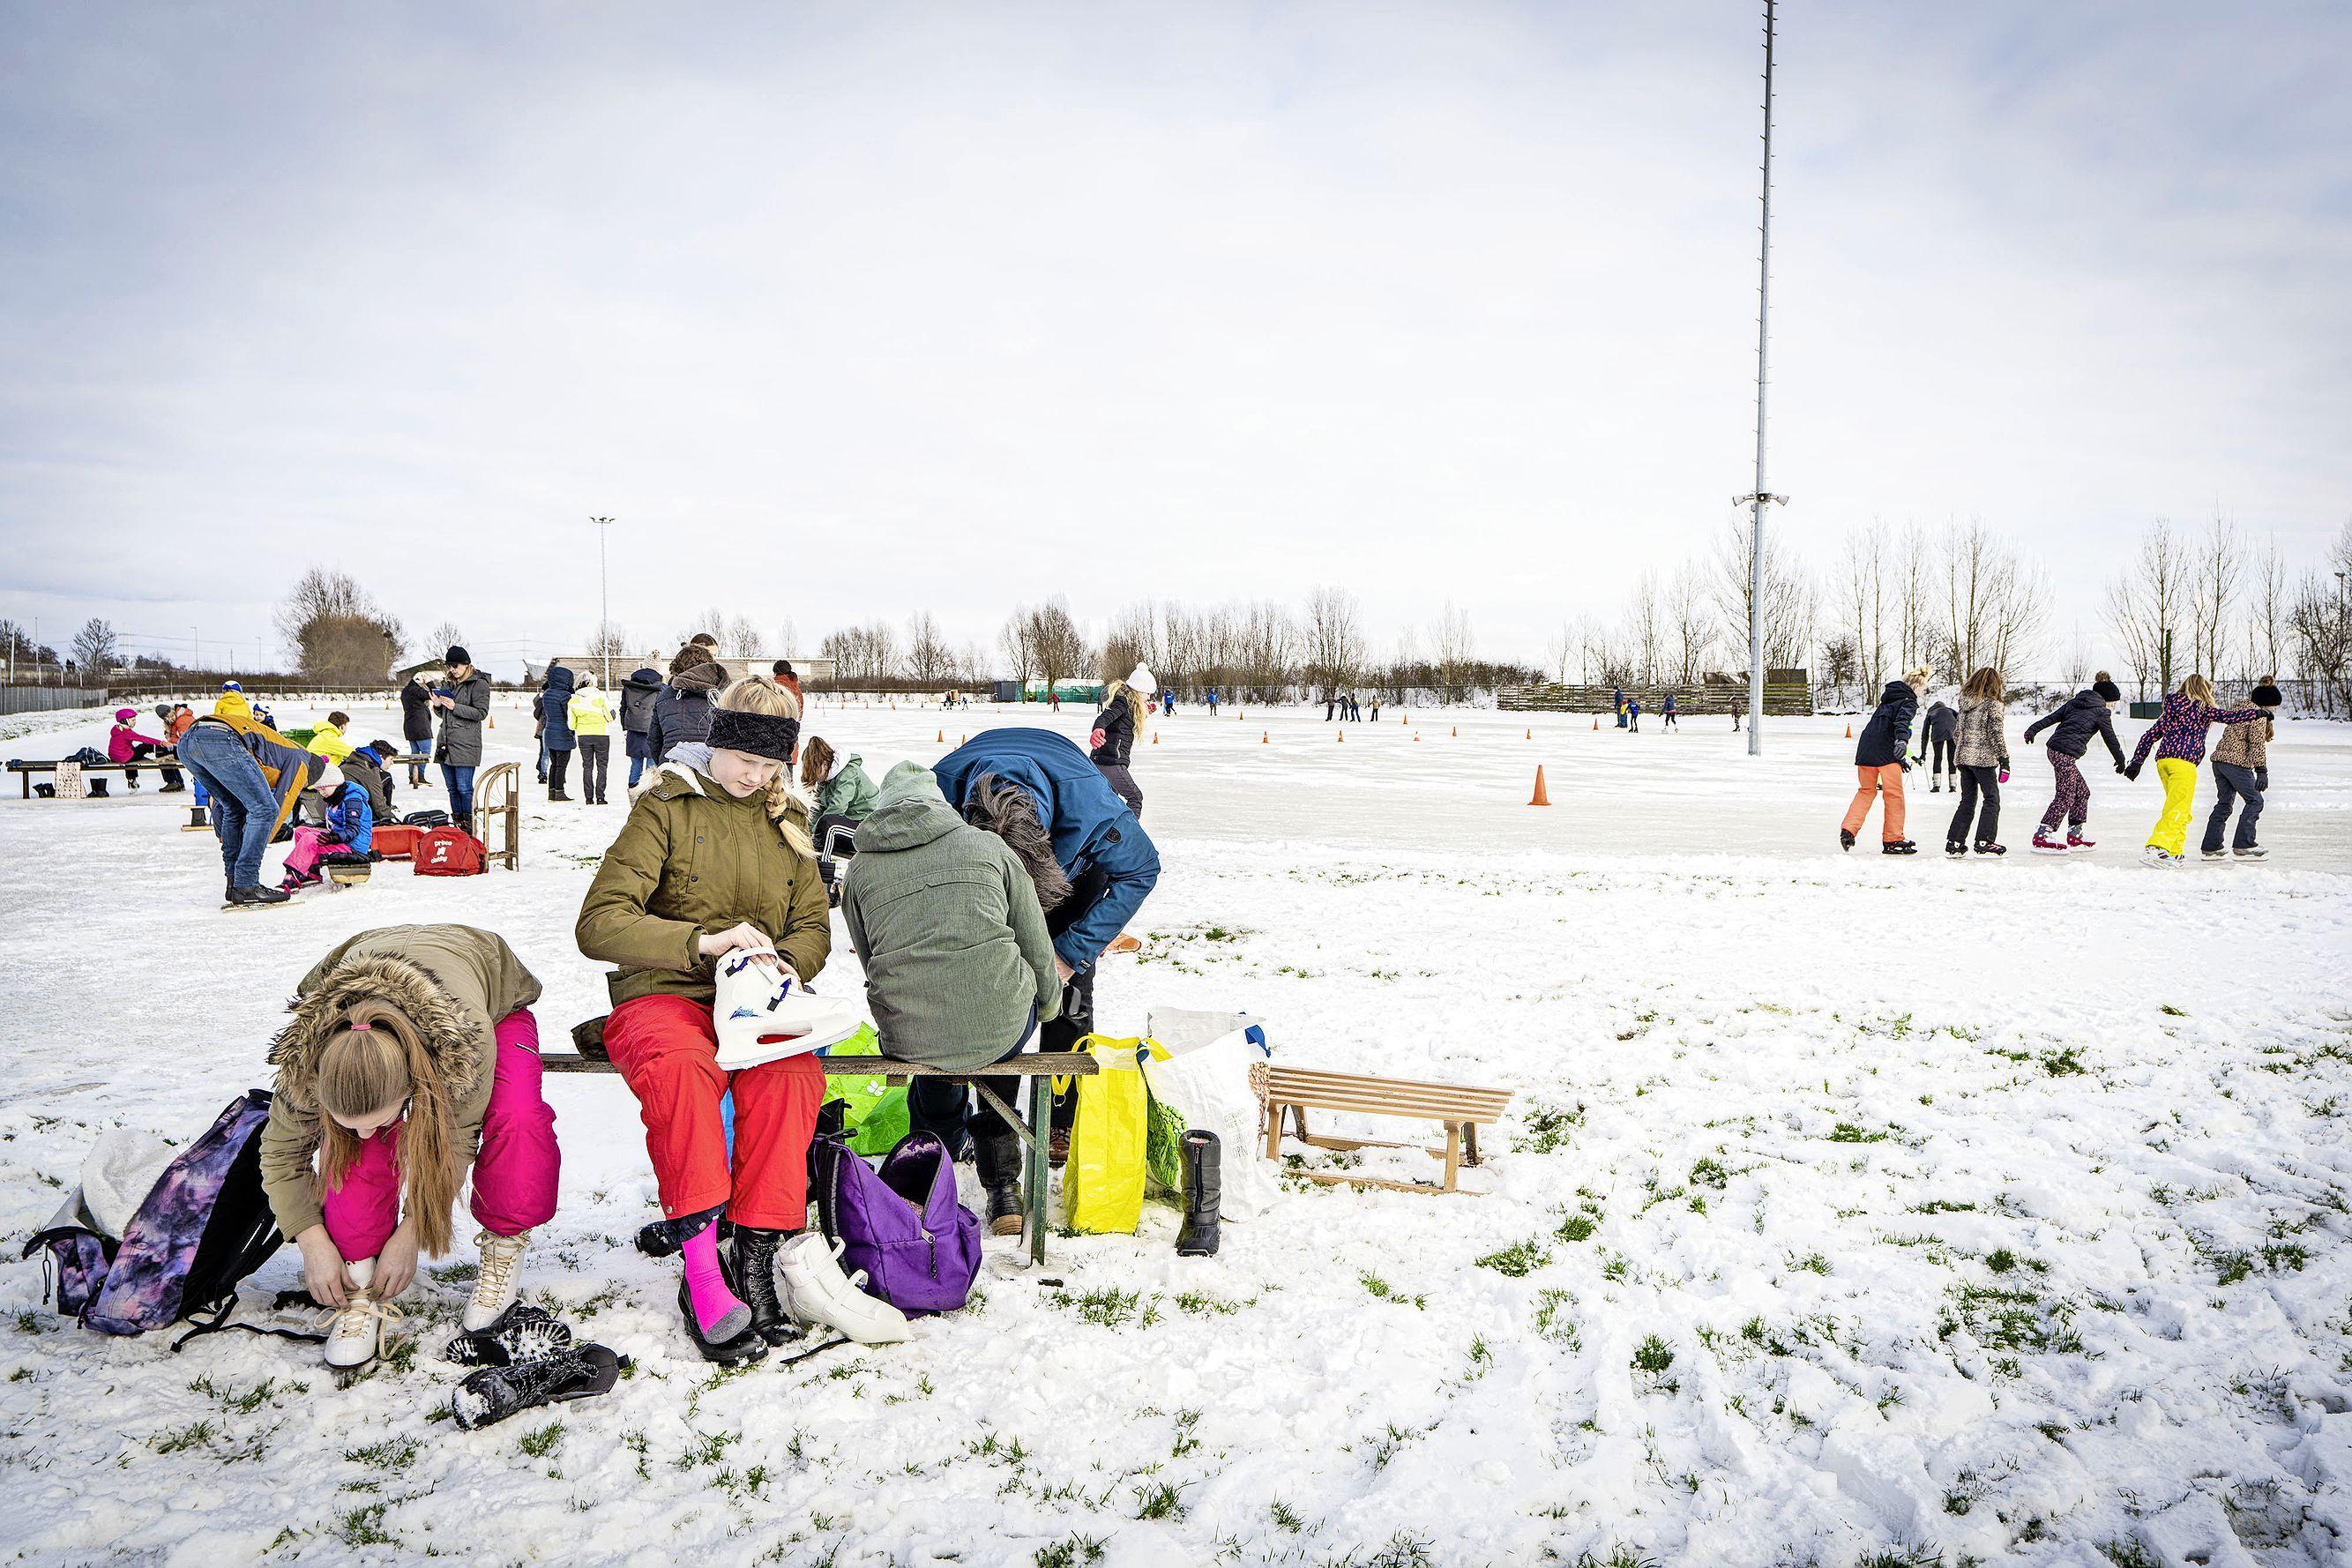 Vrolijke boel op de ijsbaan in Leiderdorp, ijzige stilte in Voorschoten: 'We hadden zo open gekund'